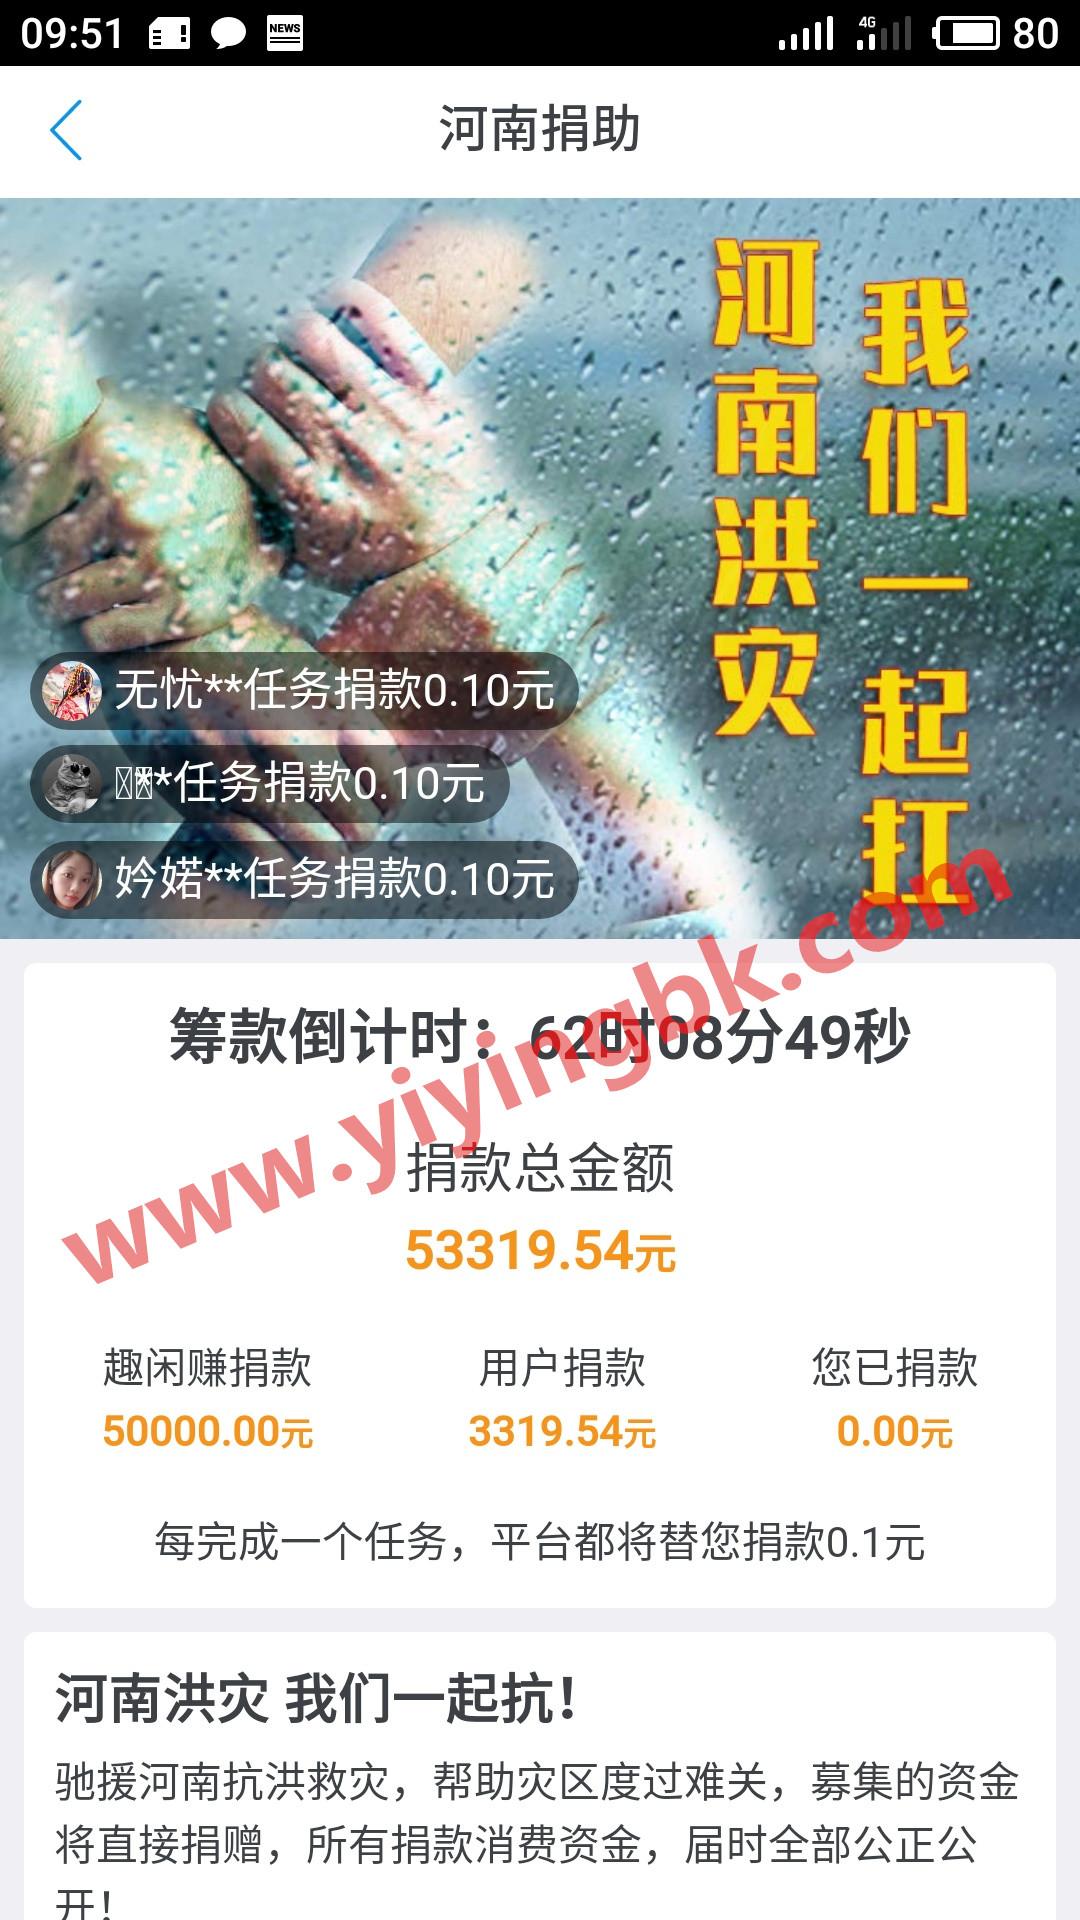 趣闲赚河南捐助,河南洪灾,我们一起扛,一方有难,八方支援。www.yiyingbk.com